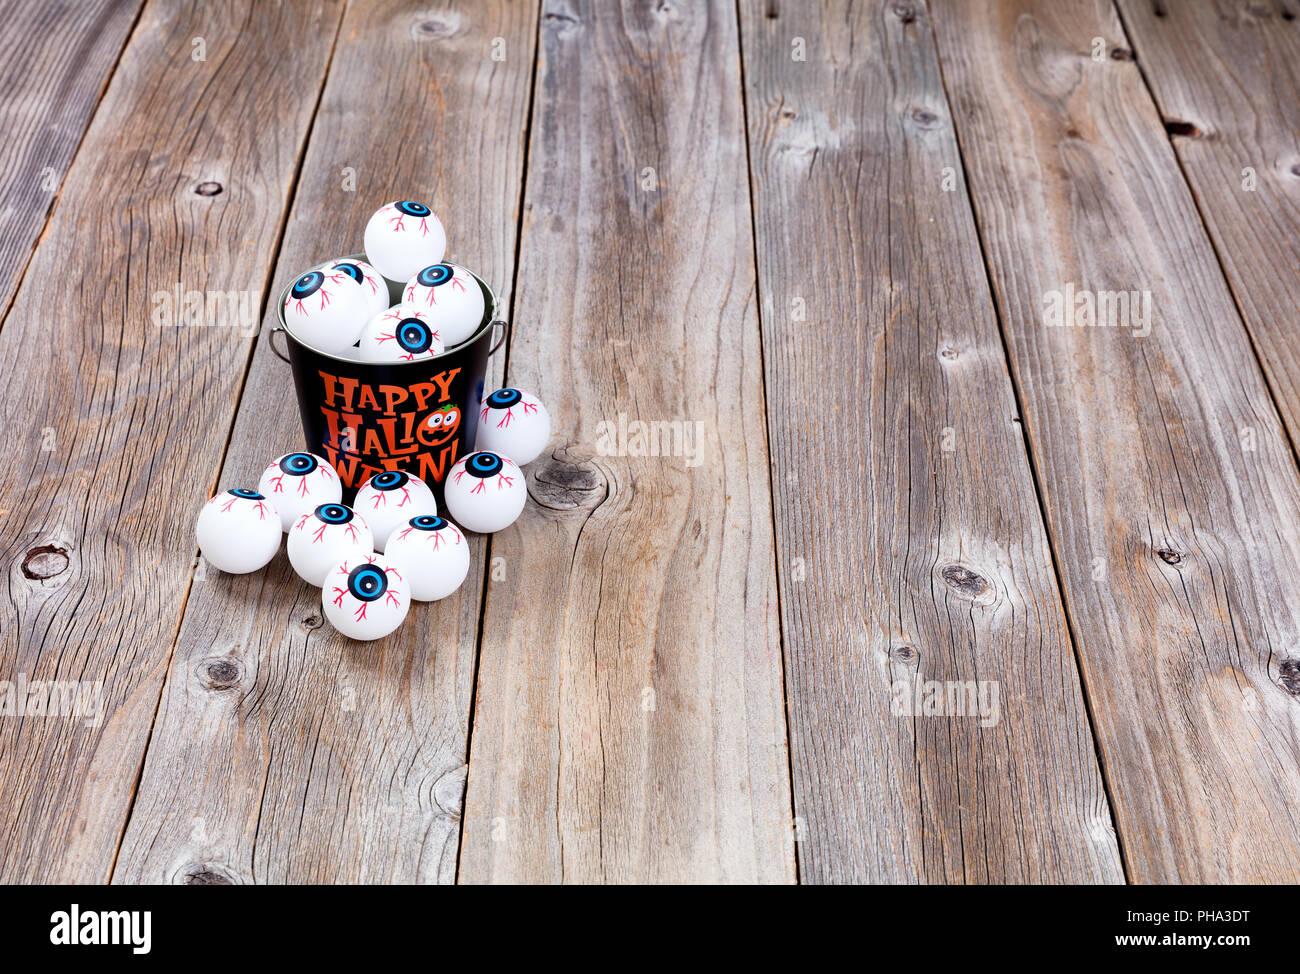 Bucket filled with eyeballs for Halloween season on rustic wood - Stock Image